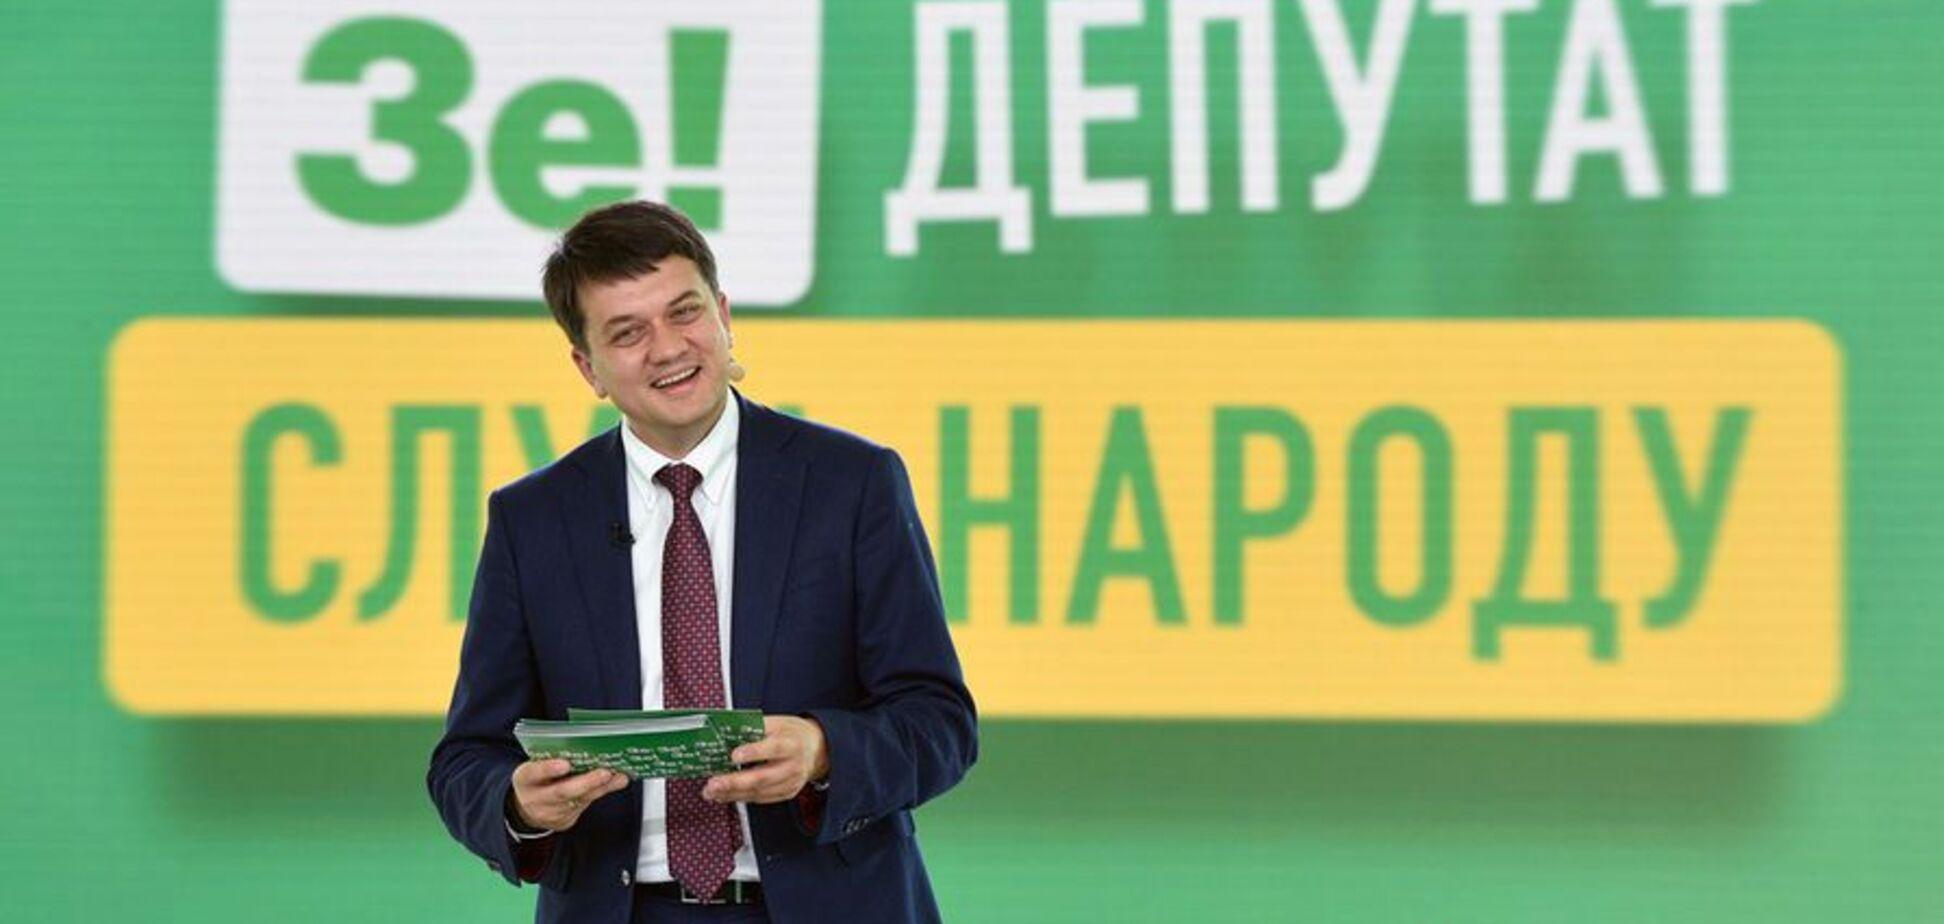 'Це не шоу!' Разумков відреагував на 'підкуп' депутатів 'Слуги народу'